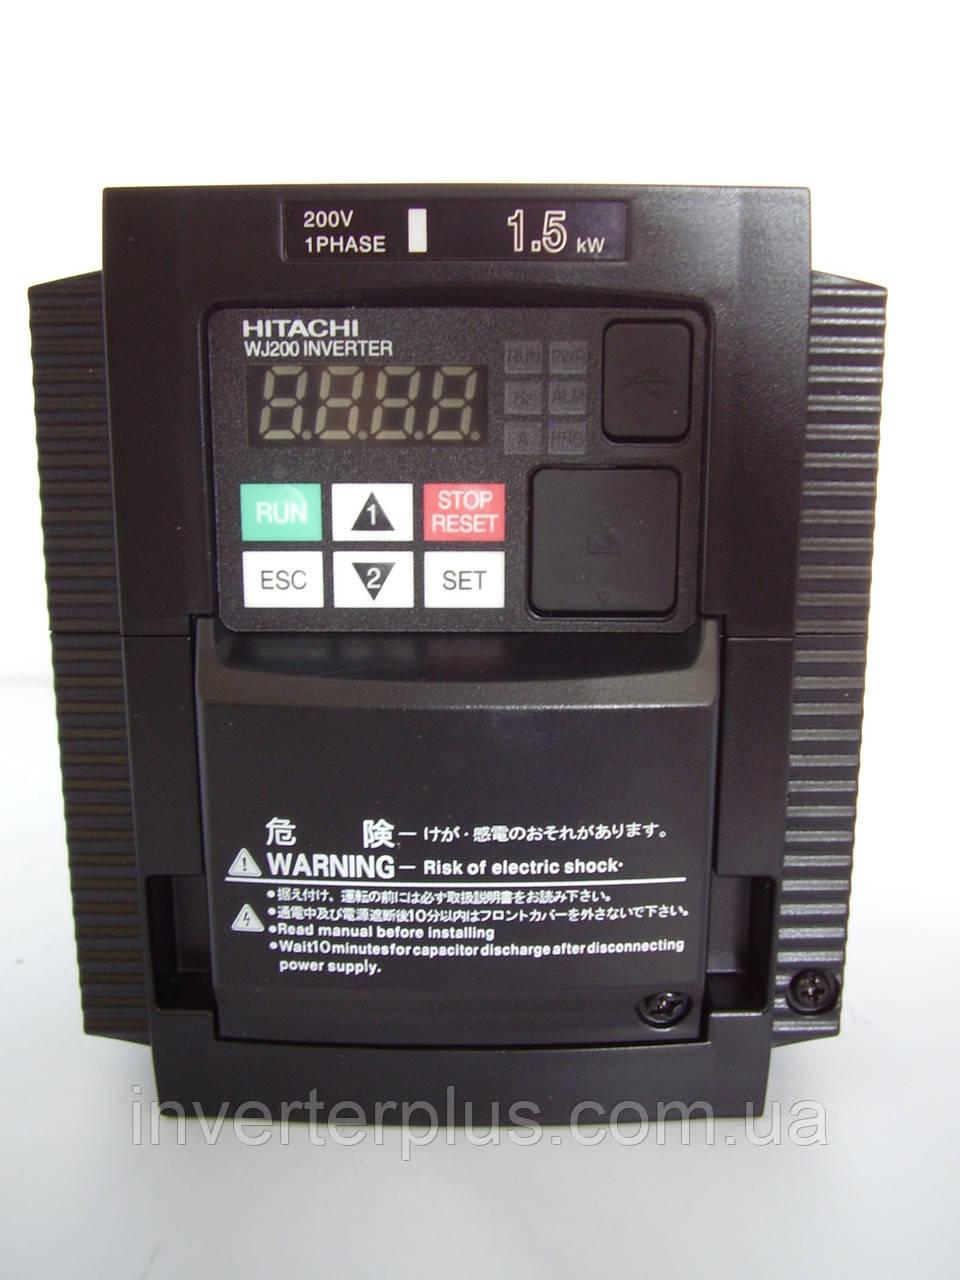 WJ200-015SF; 1,5кВт/220В. Инвертор Hitachi